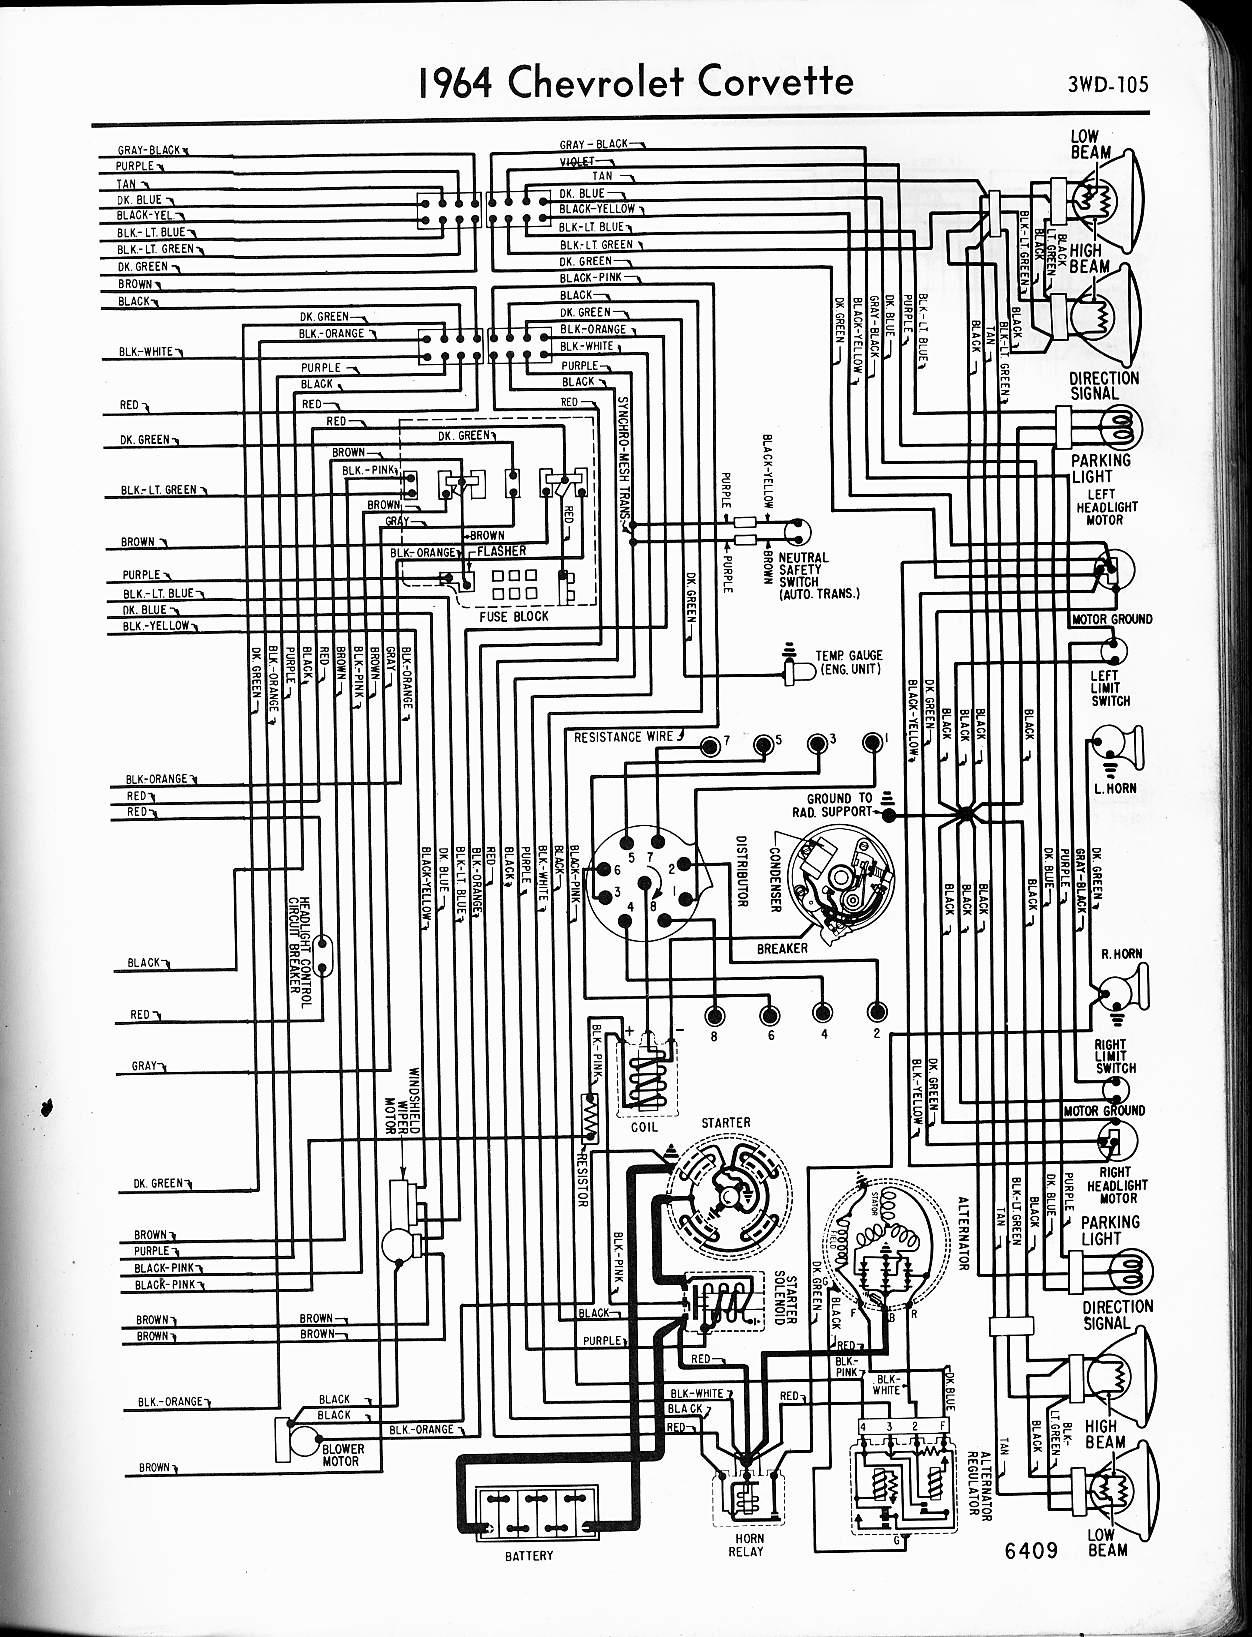 Fabulous 63 Falcon Fuse Box Basic Electronics Wiring Diagram Wiring Cloud Xempagosophoxytasticioscodnessplanboapumohammedshrineorg